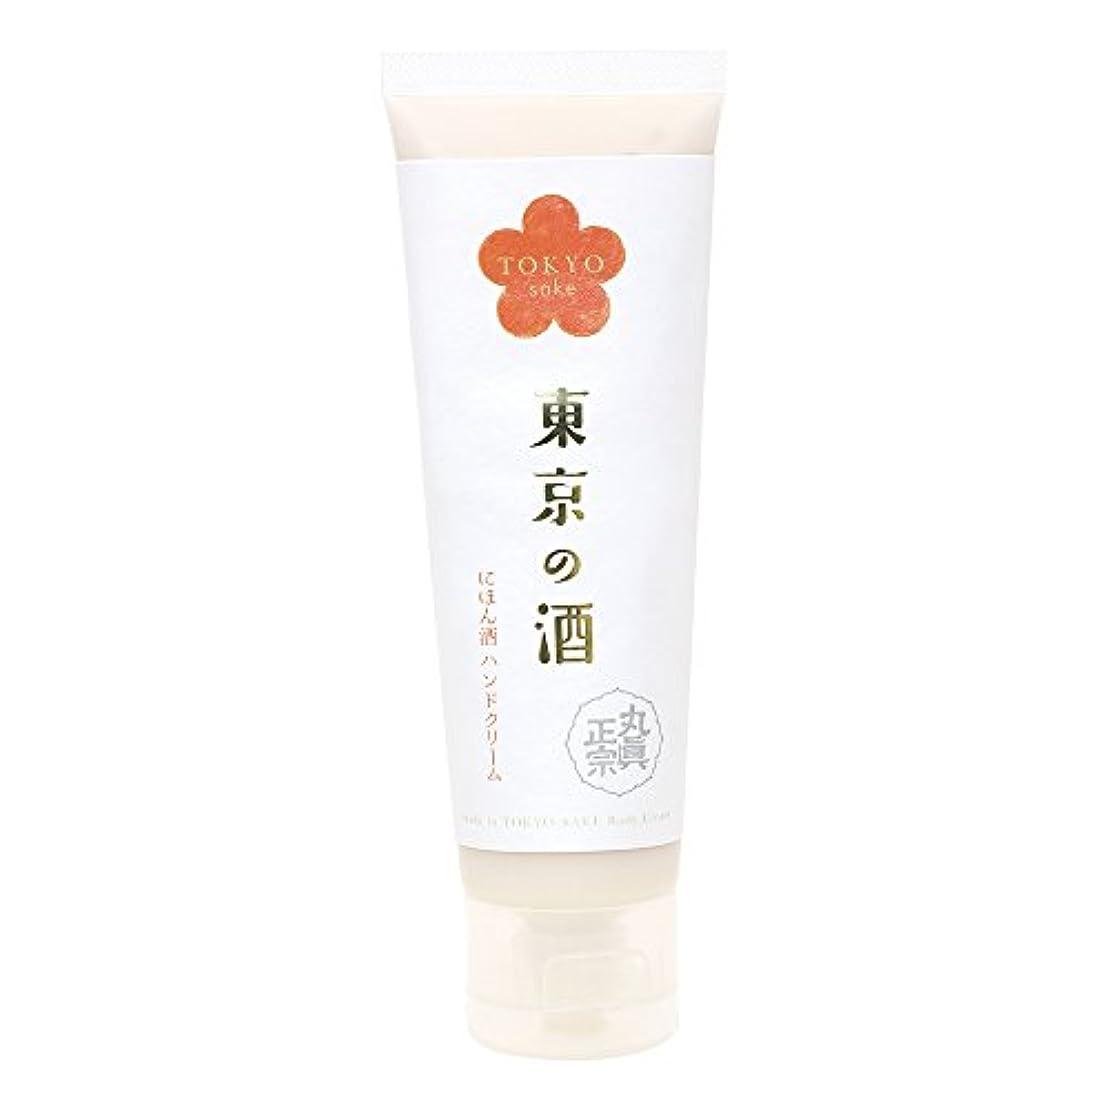 願うスイガウンノルコーポレーション 東京の酒 ハンドクリーム OB-TKY-2-1 65~70g